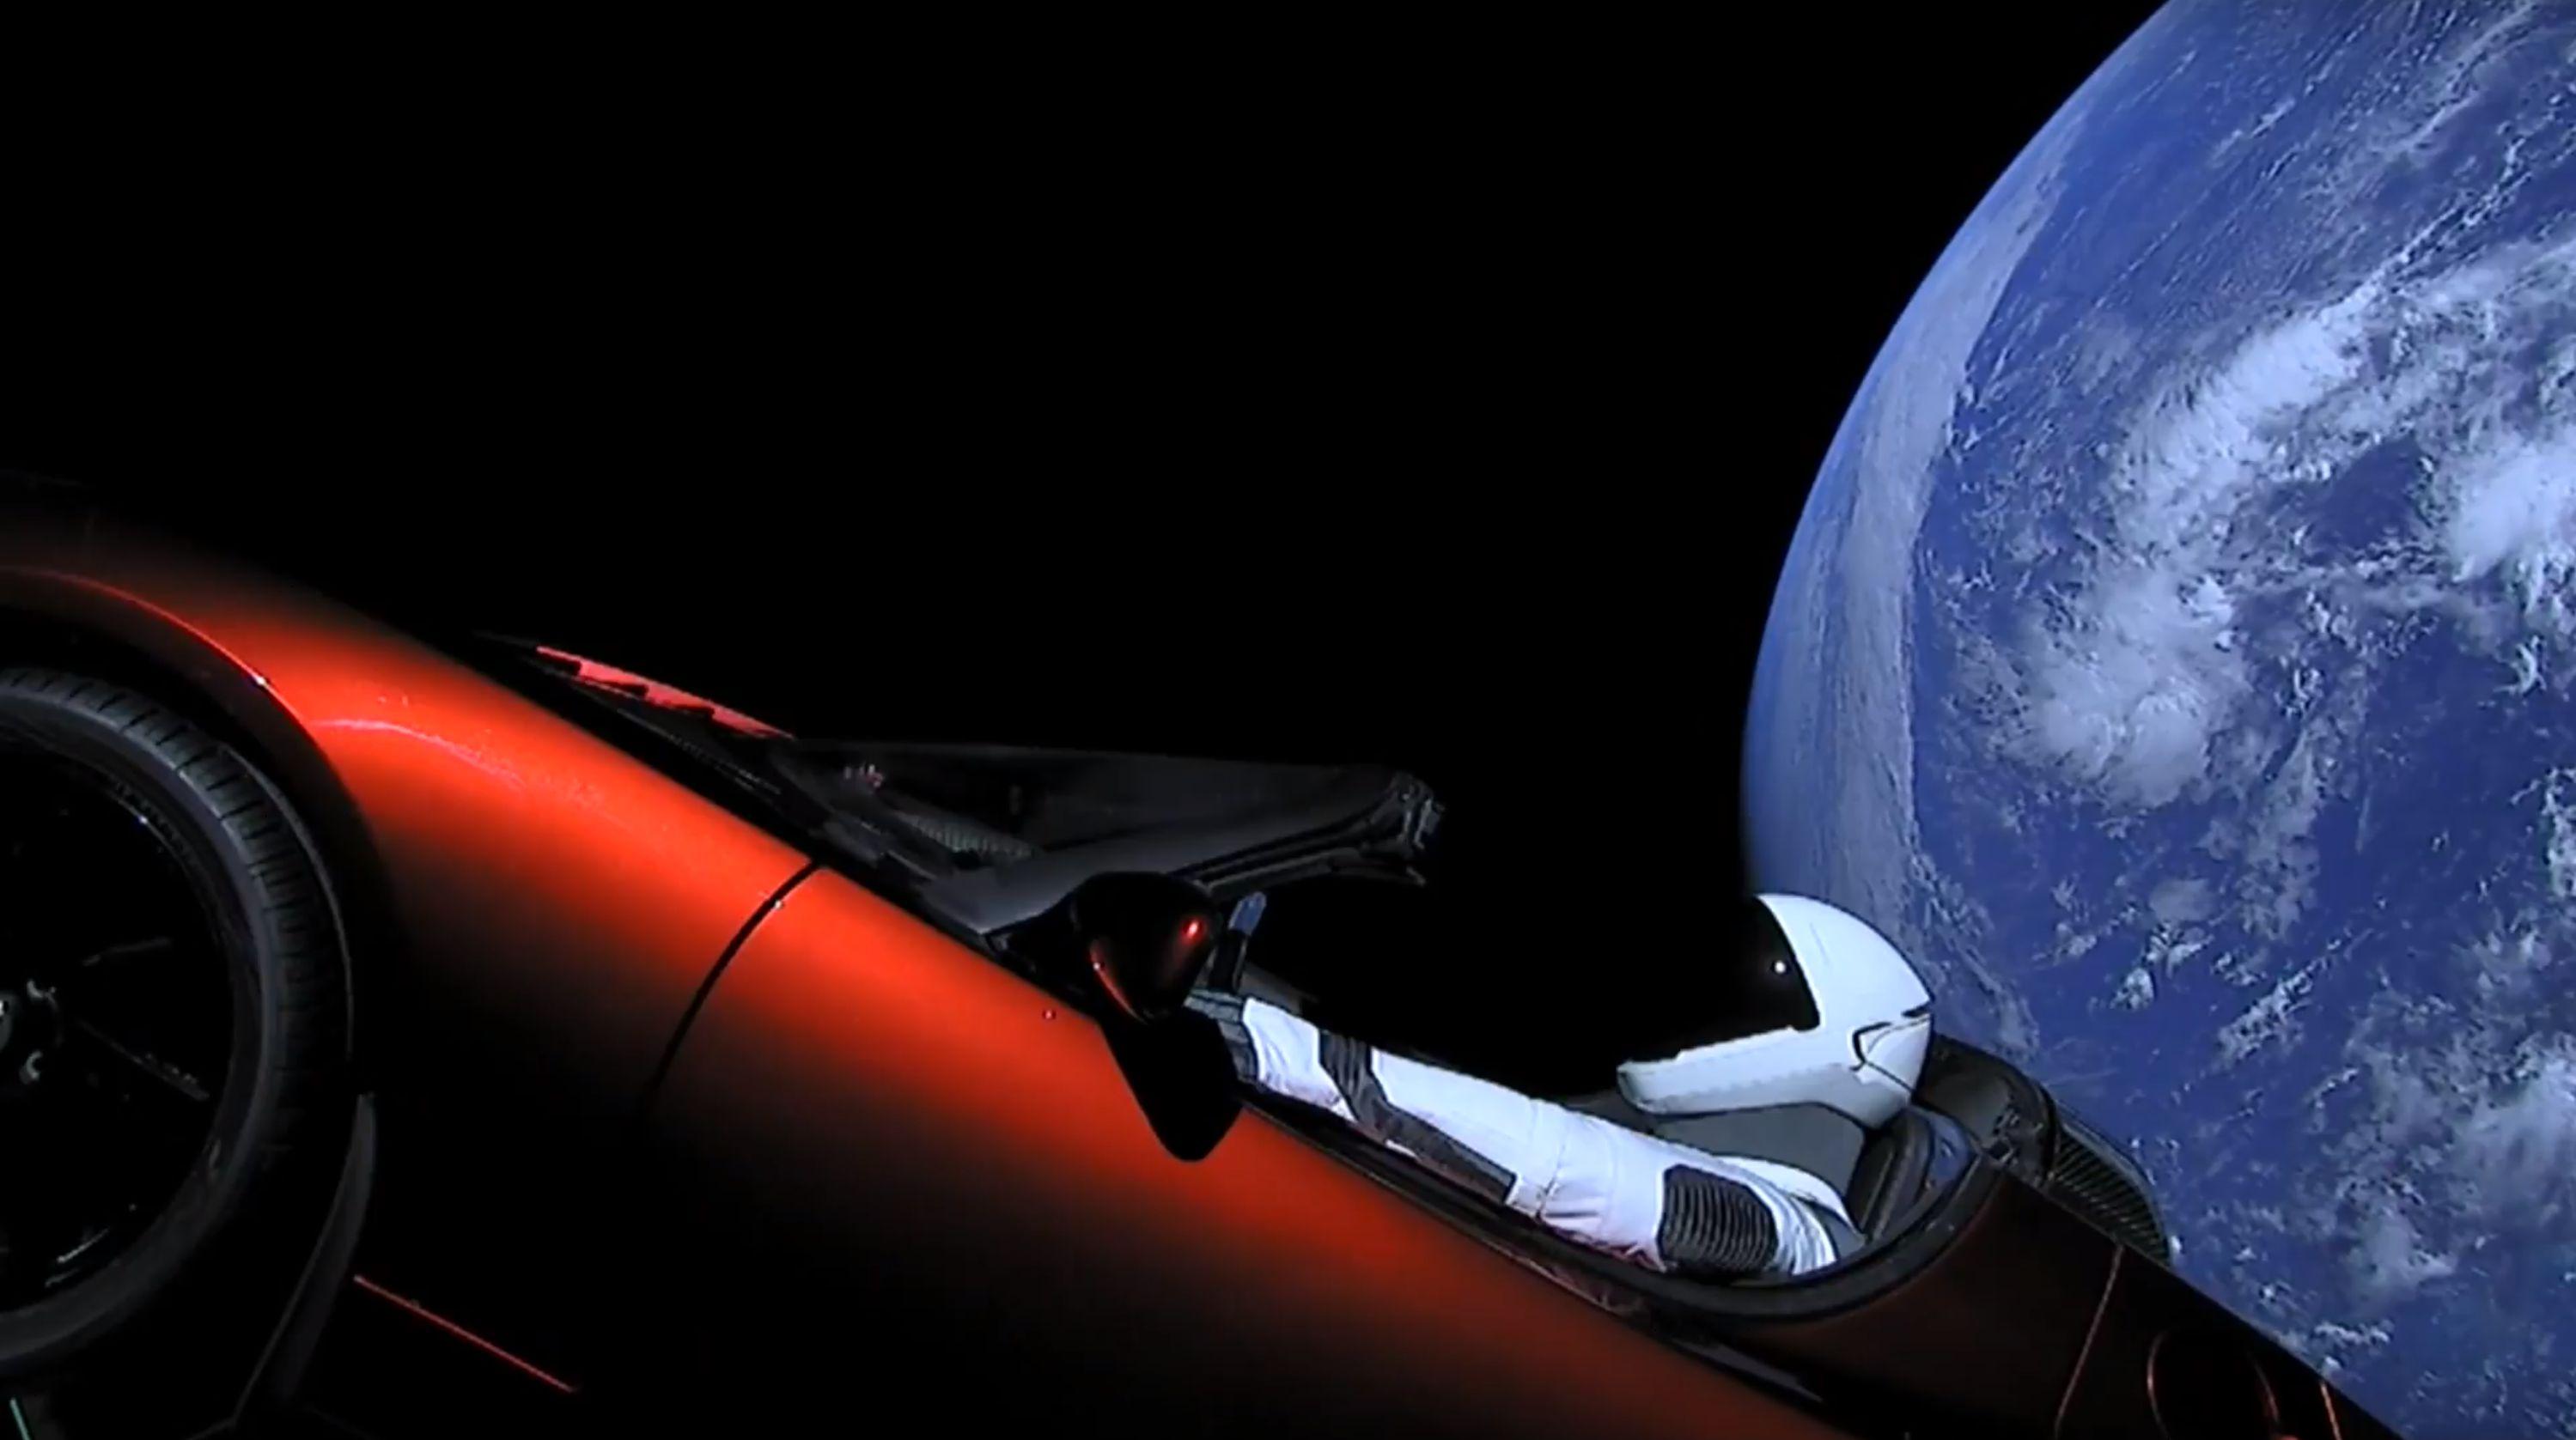 Bruno pilota nello spazio